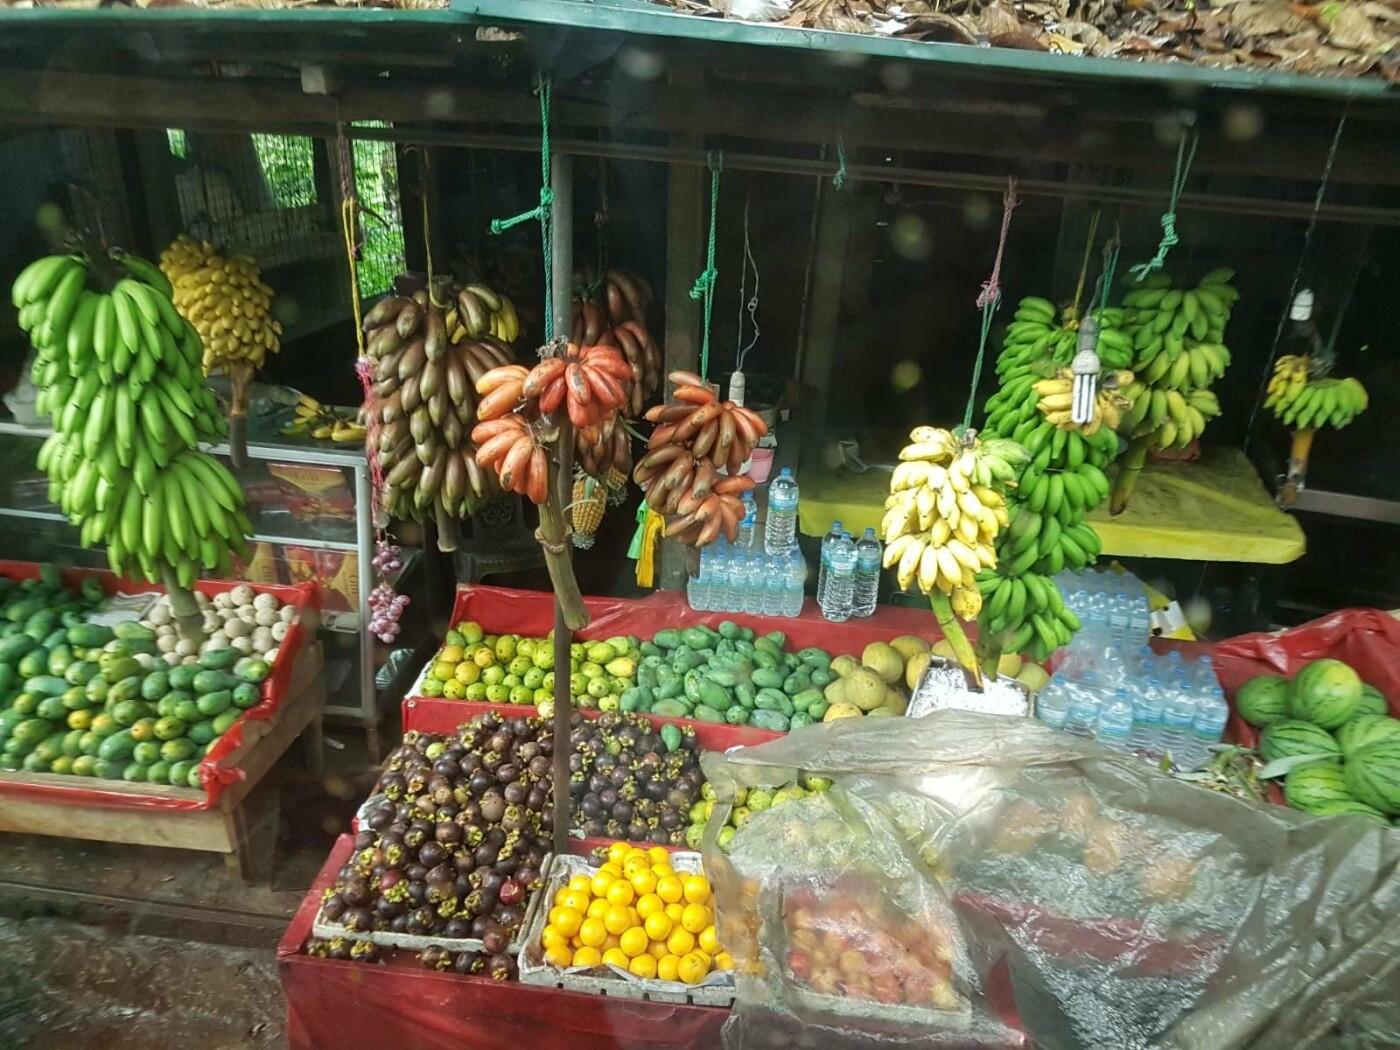 Турагентство «Vиктория» приглашает лозовчан отдохнуть в незабываемой Шри-Ланке и посетить Рождественскую сказку в Яремче, фото-19